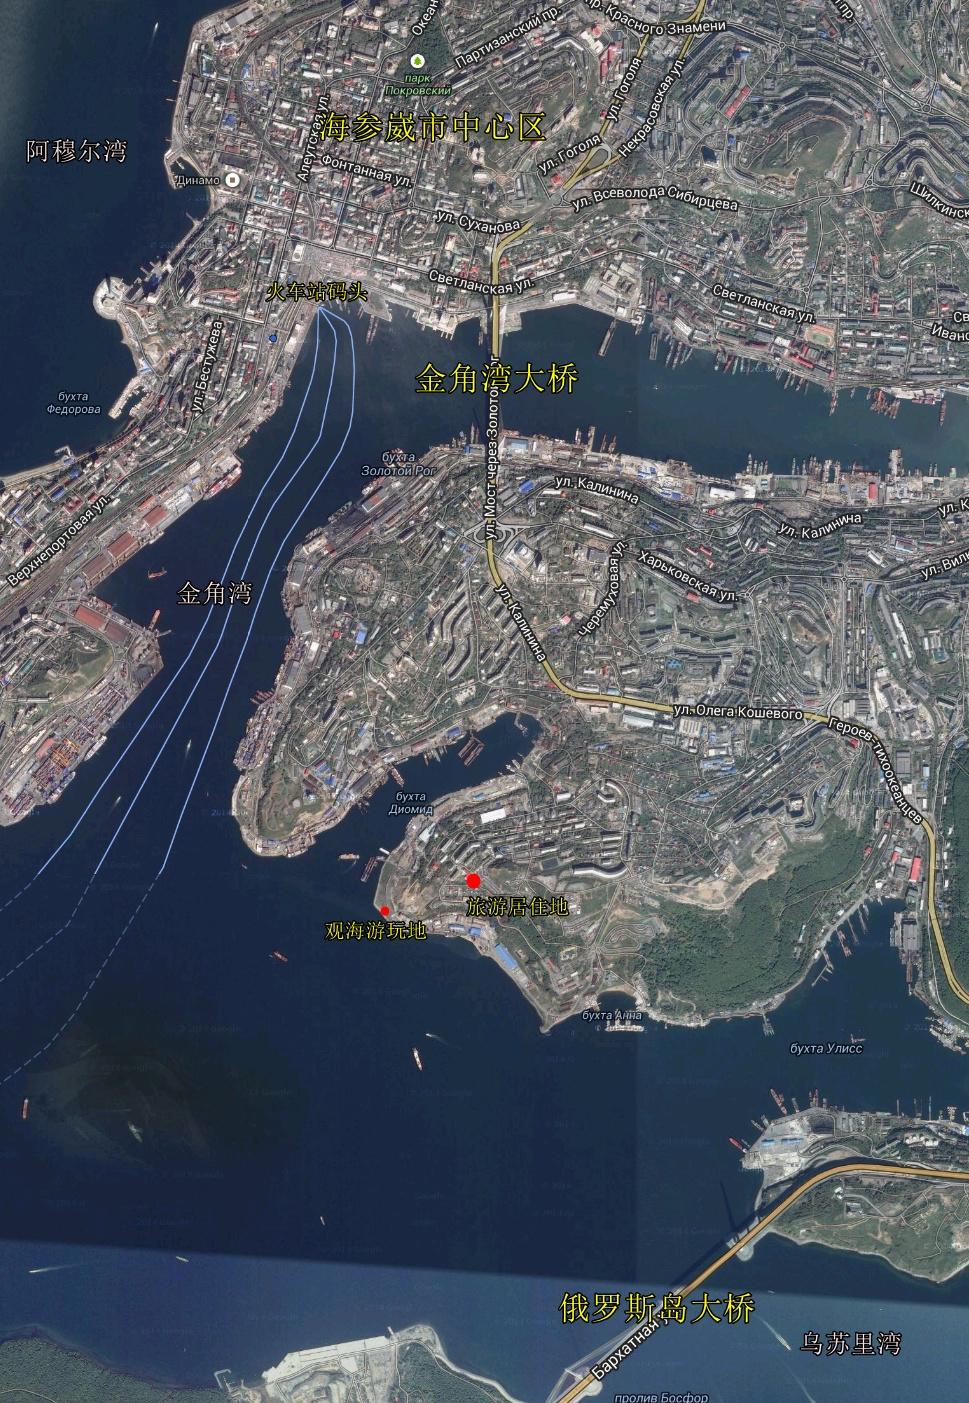 海参崴是个三面环海的半岛,由金角湾,阿穆尔湾,乌苏里湾三个 海湾